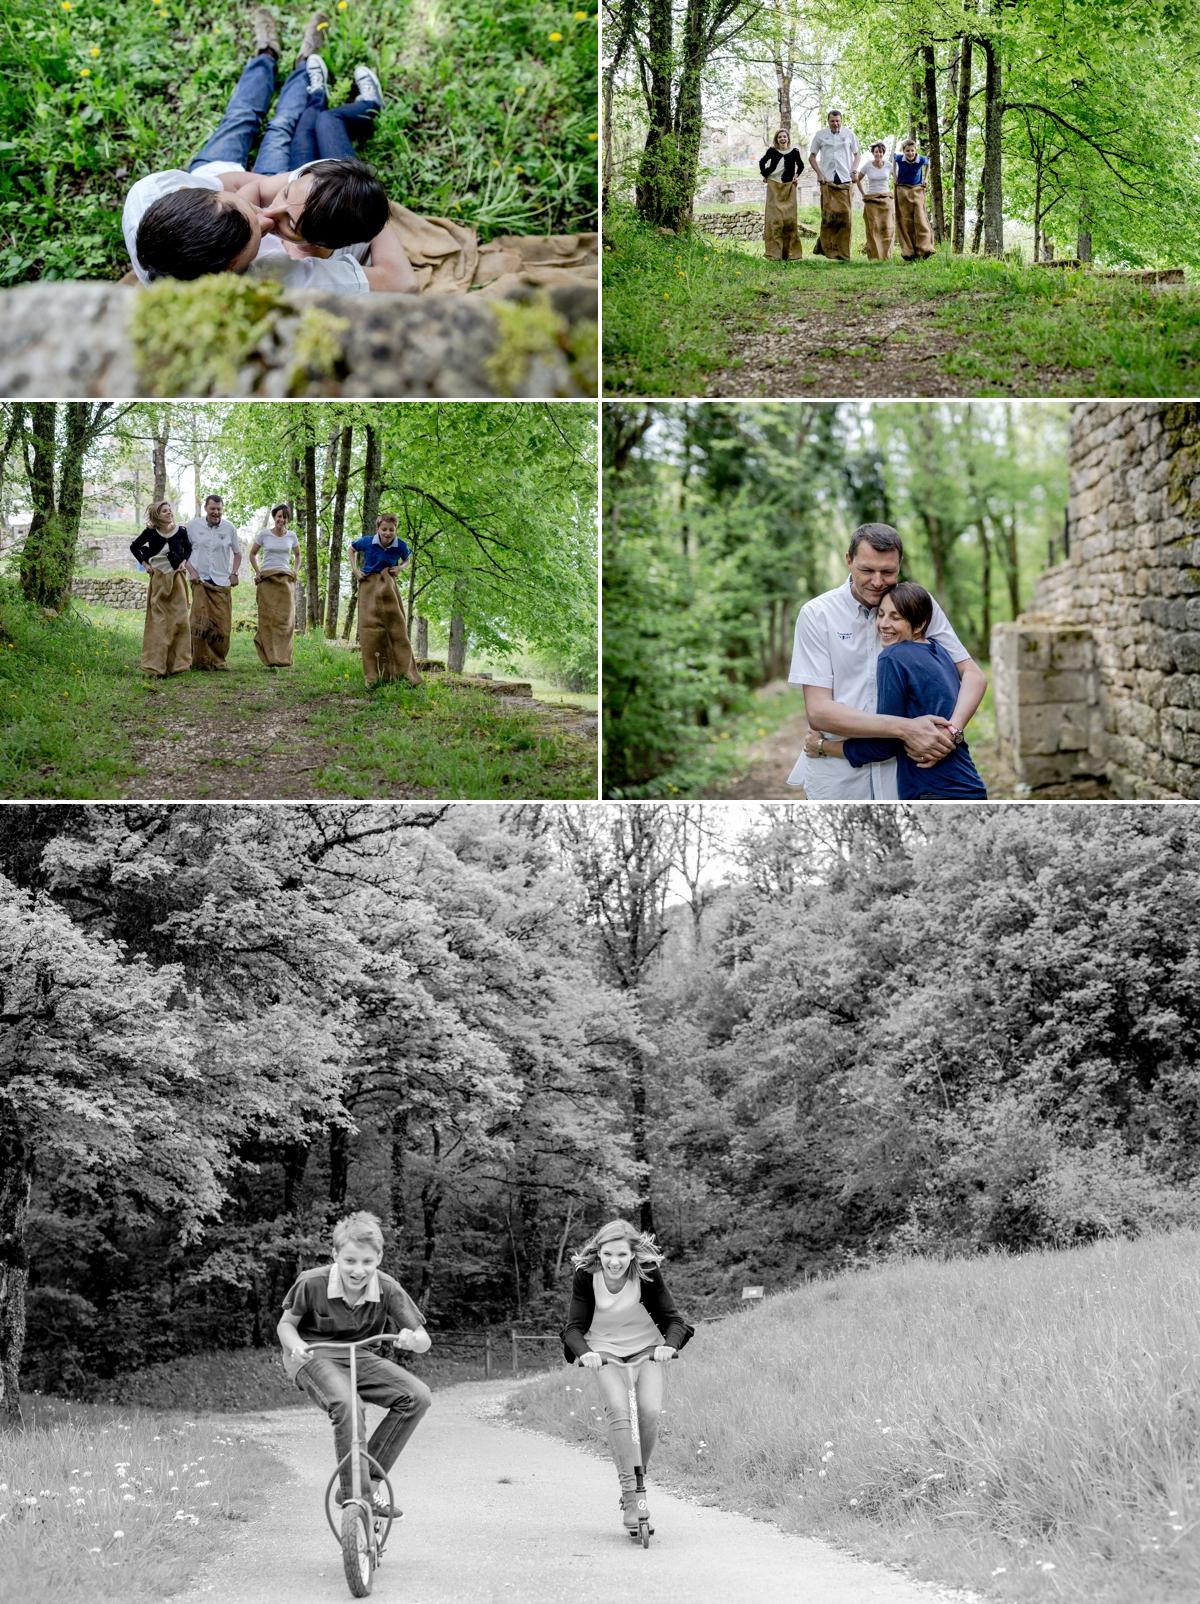 seancefamille-emiliekphotographie-photographe-doubs-franche-comté-séancefamille 8